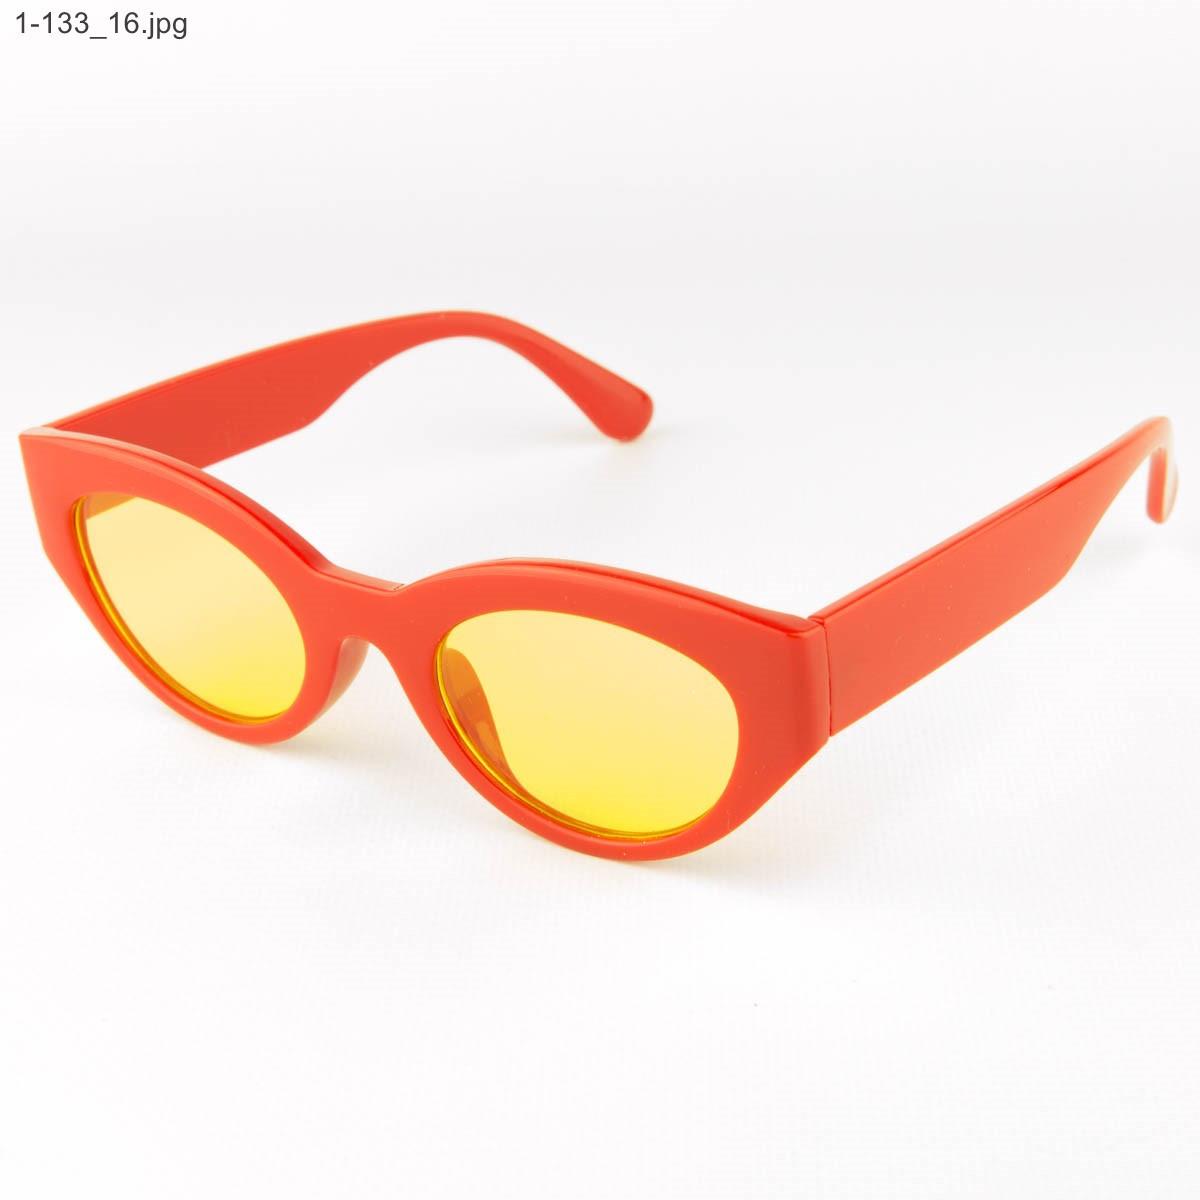 Солнцезащитные очки овальной формы - Красные - 1-133, фото 1